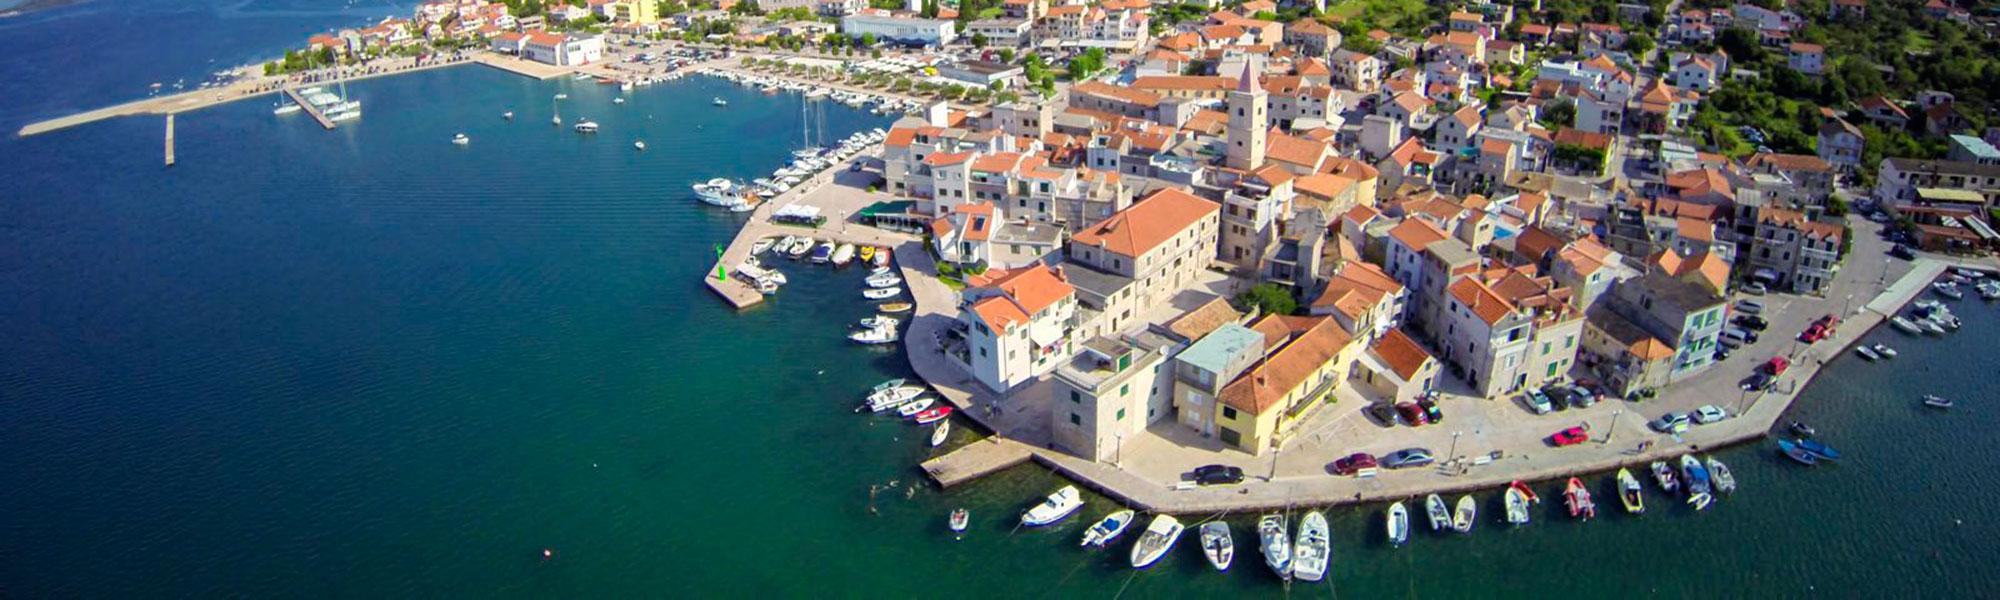 Apartments In Pirovac Direct Croatia Com